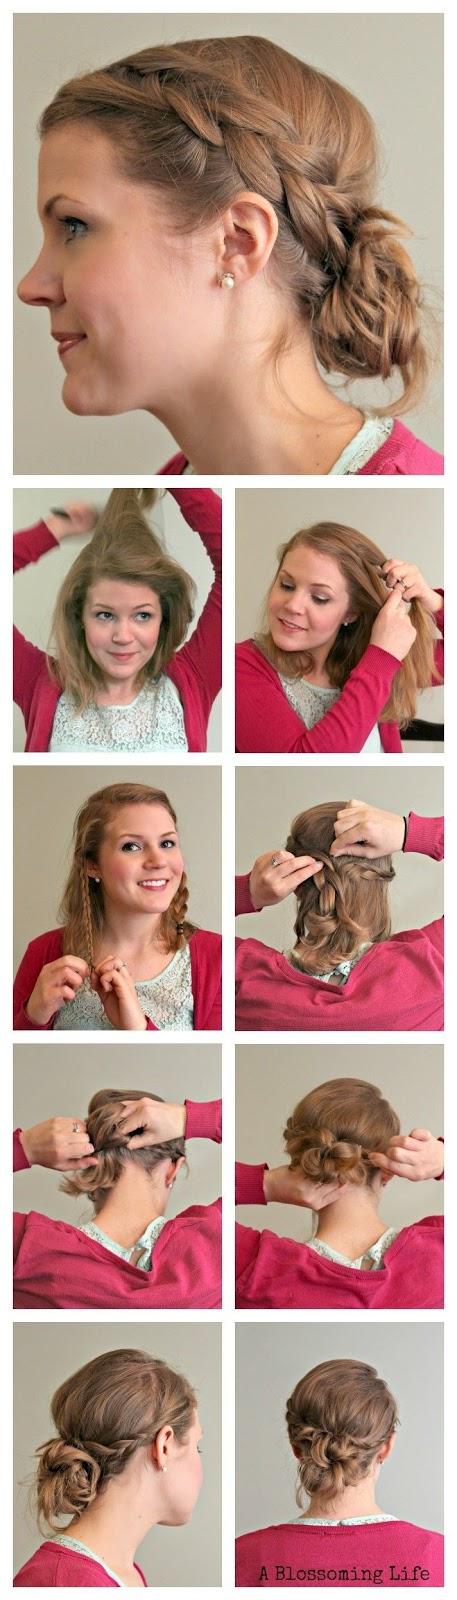 peinados recogidos faciles paso a paso